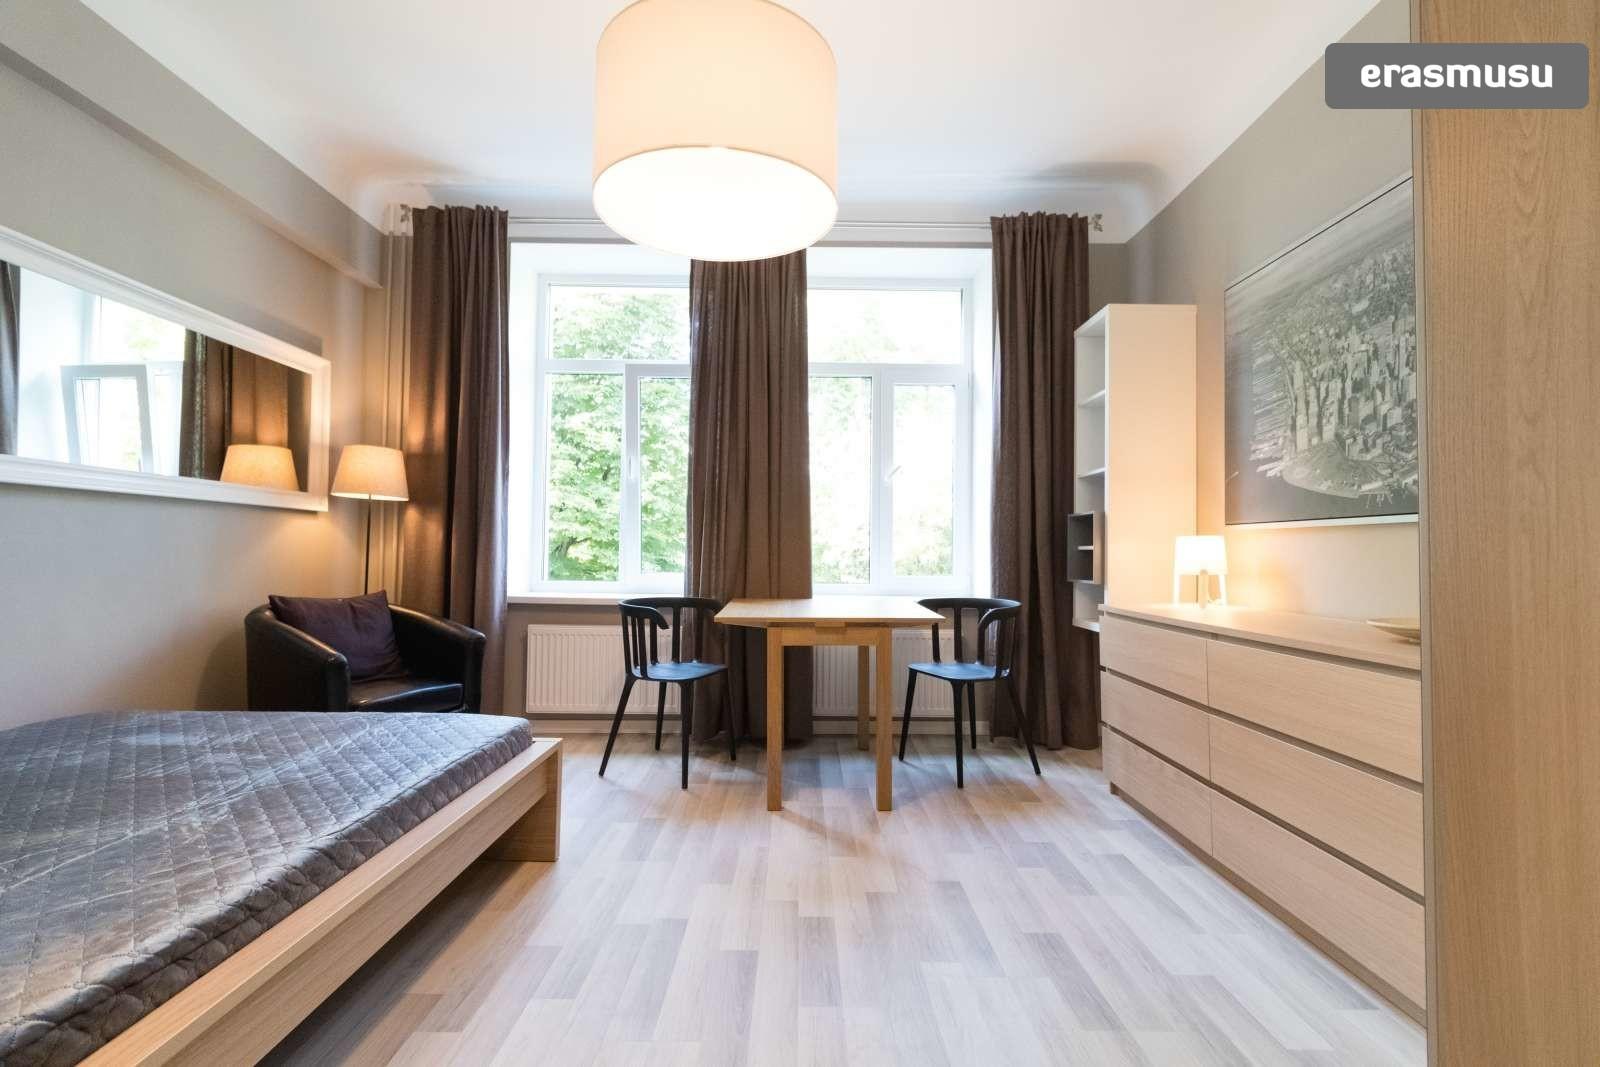 chic-studio-apartment-rent-teika-2a950ada1ace1772040402e2ad46beb